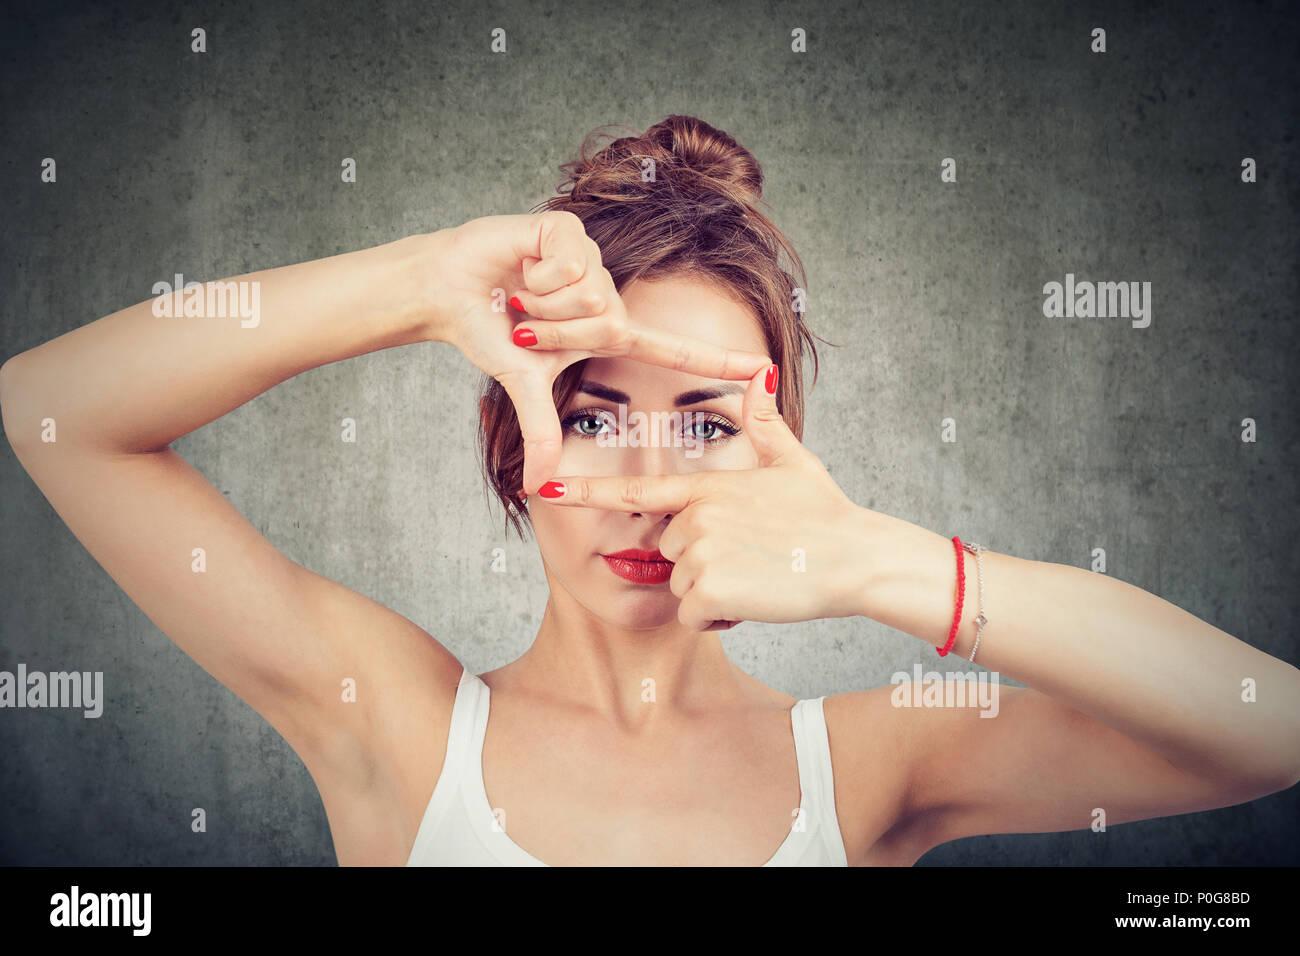 Ragazza giovane rendendo il telaio con le dita e guardando attraverso limiti a fotocamera su sfondo grigio Immagini Stock